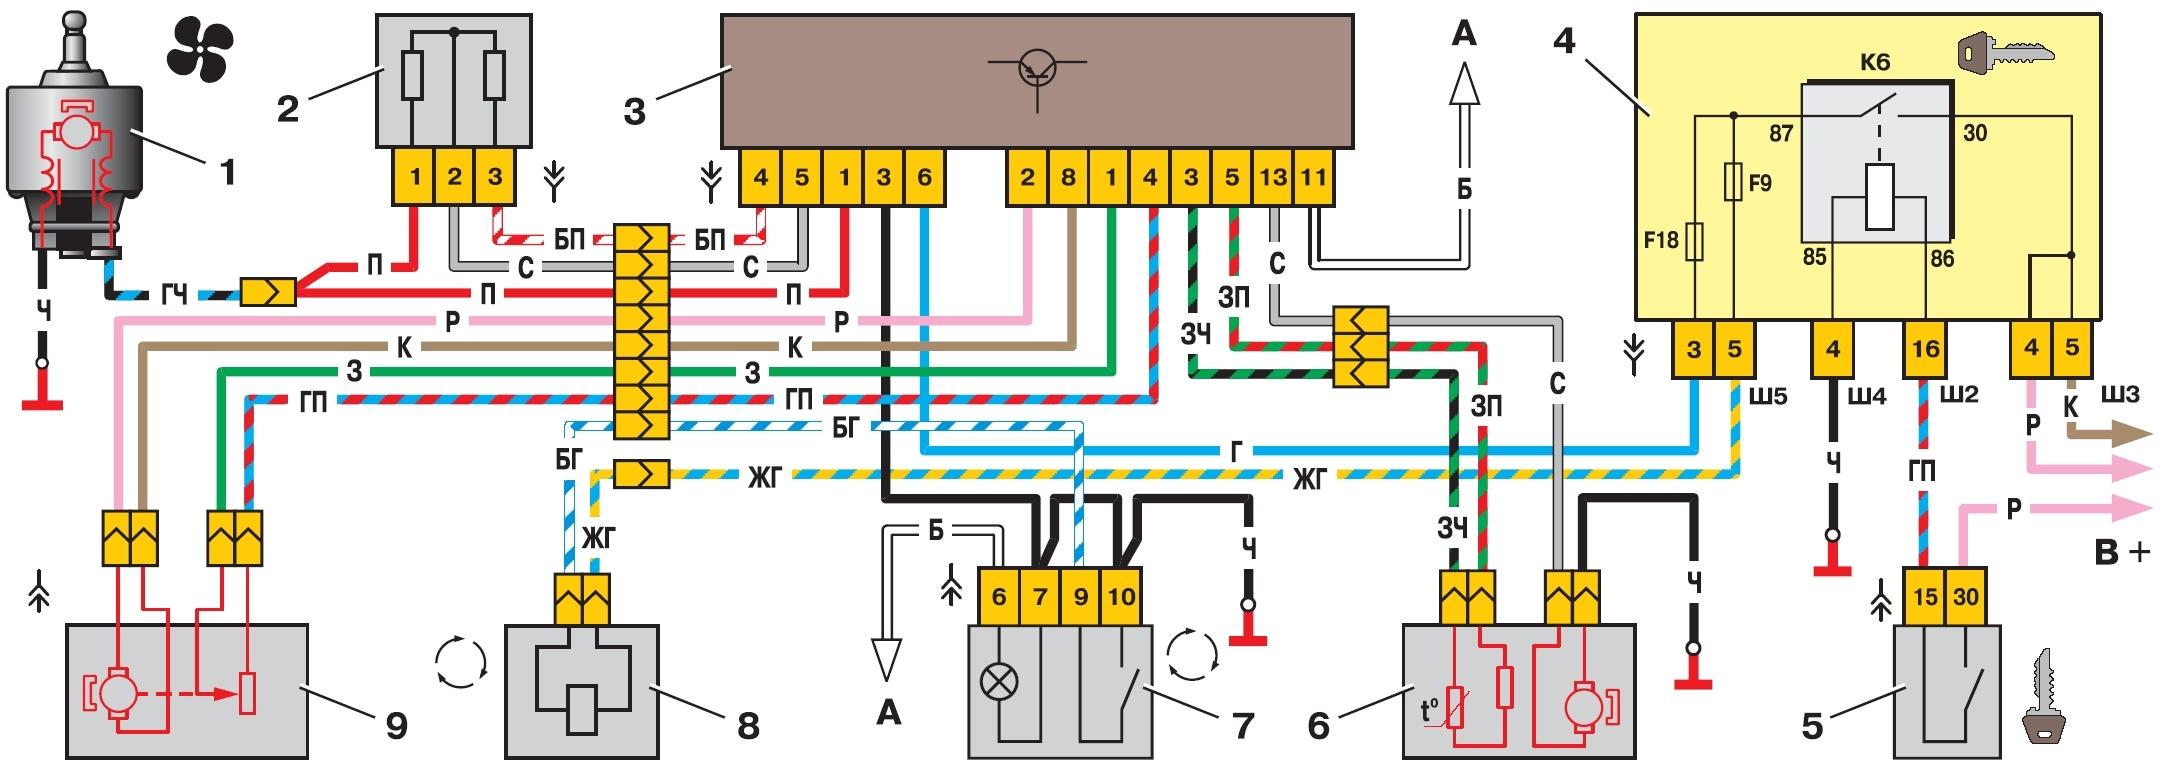 2110 otopitel - Схема подключения блока управления печкой ваз 2110